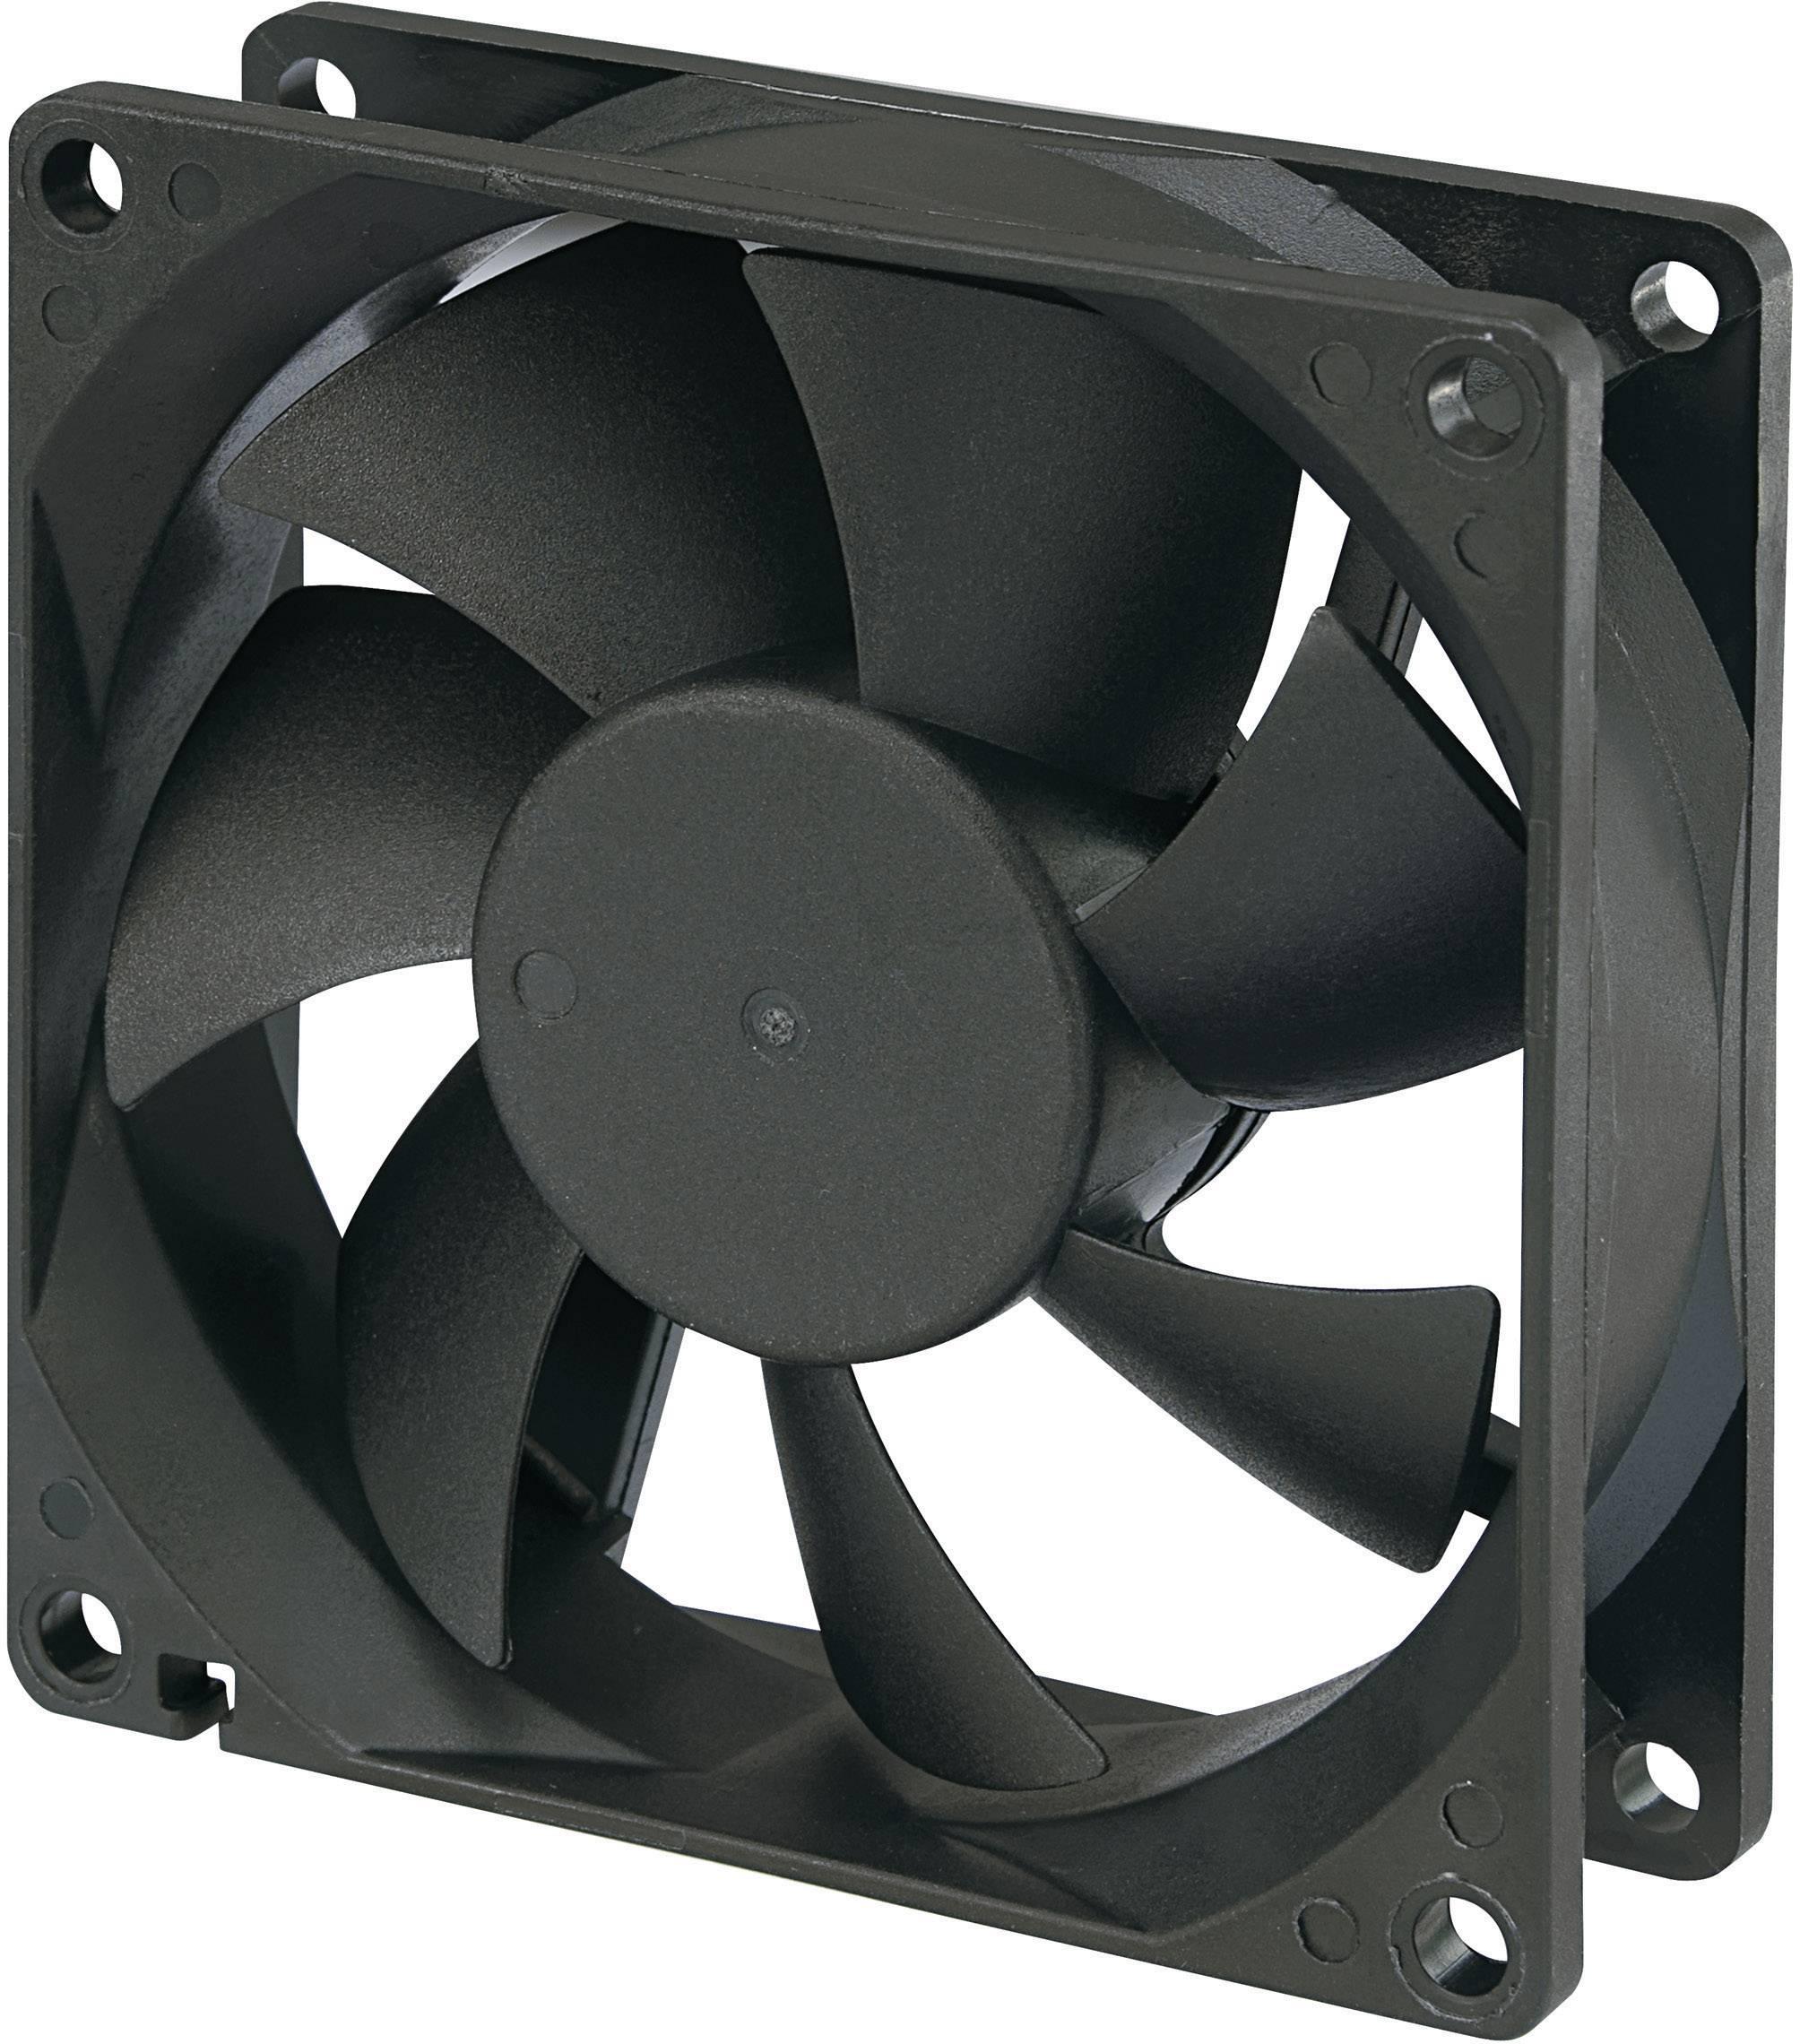 Axiální ventilátor TRU COMPONENTS RD8025B24H 1570187, 24 V/DC, 32 dB, (d x š x v) 80 x 80 x 25 mm